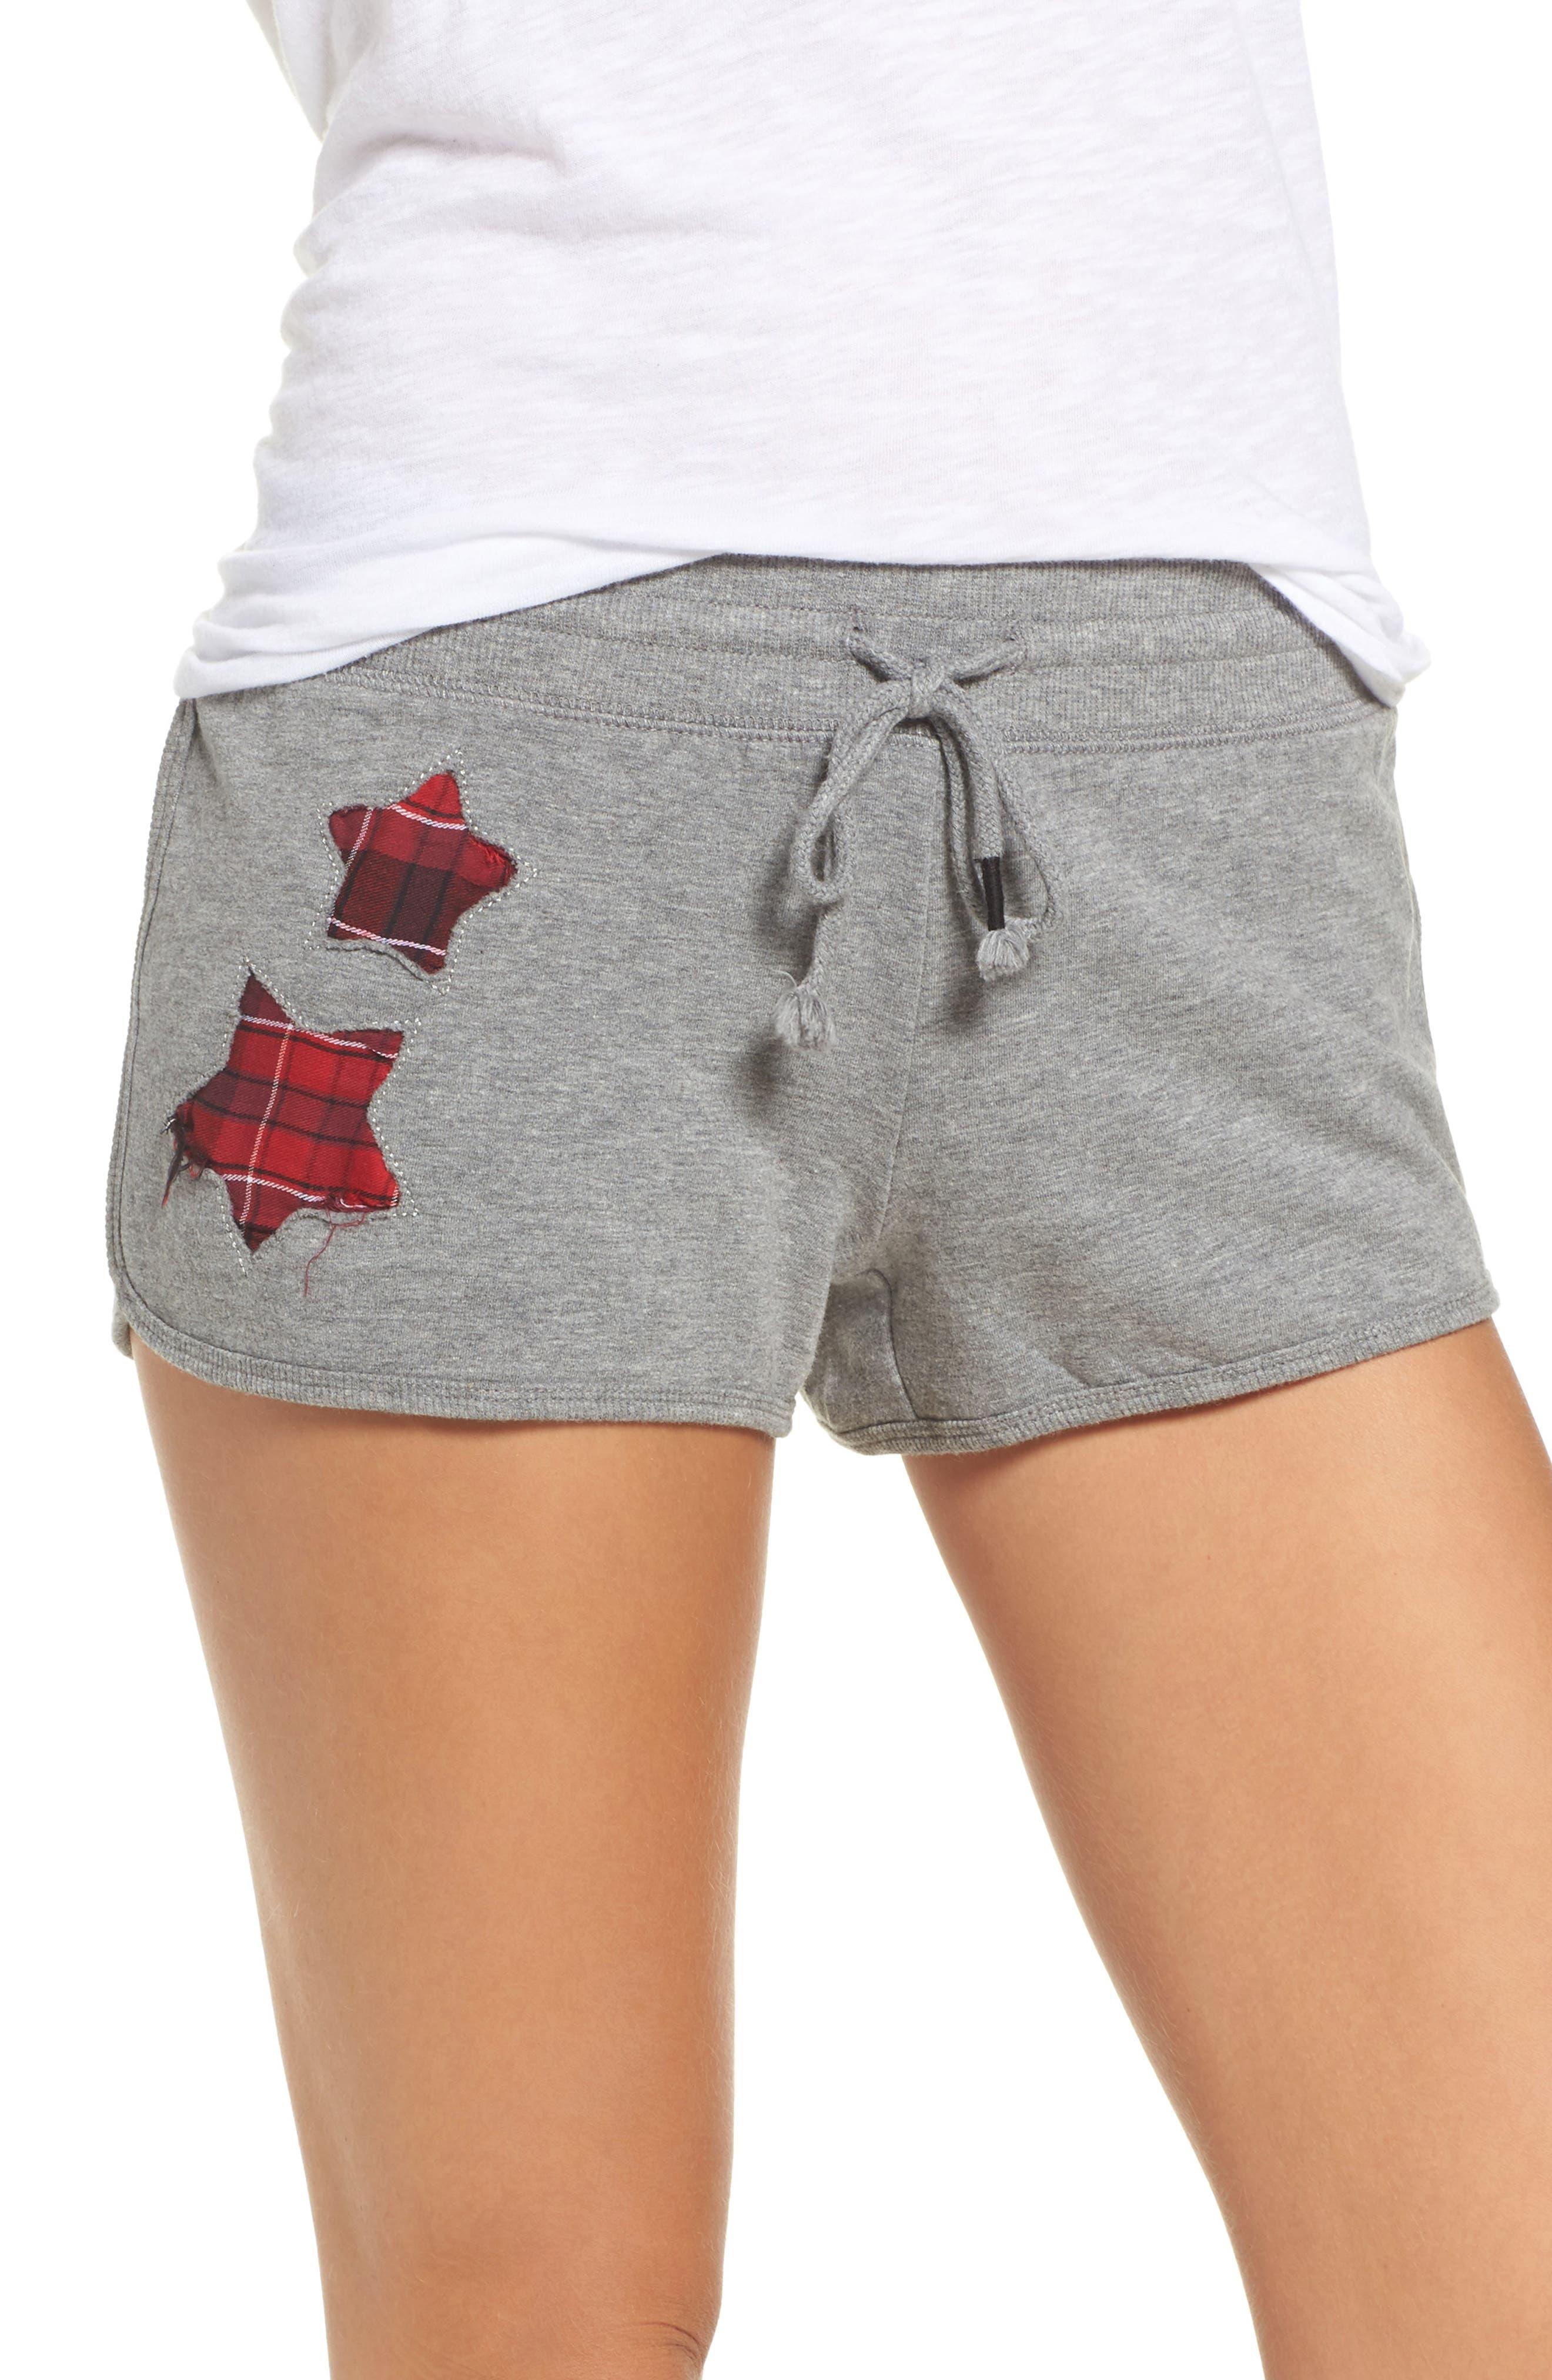 Alternate Image 1 Selected - COZY ZOE Lounge Shorts